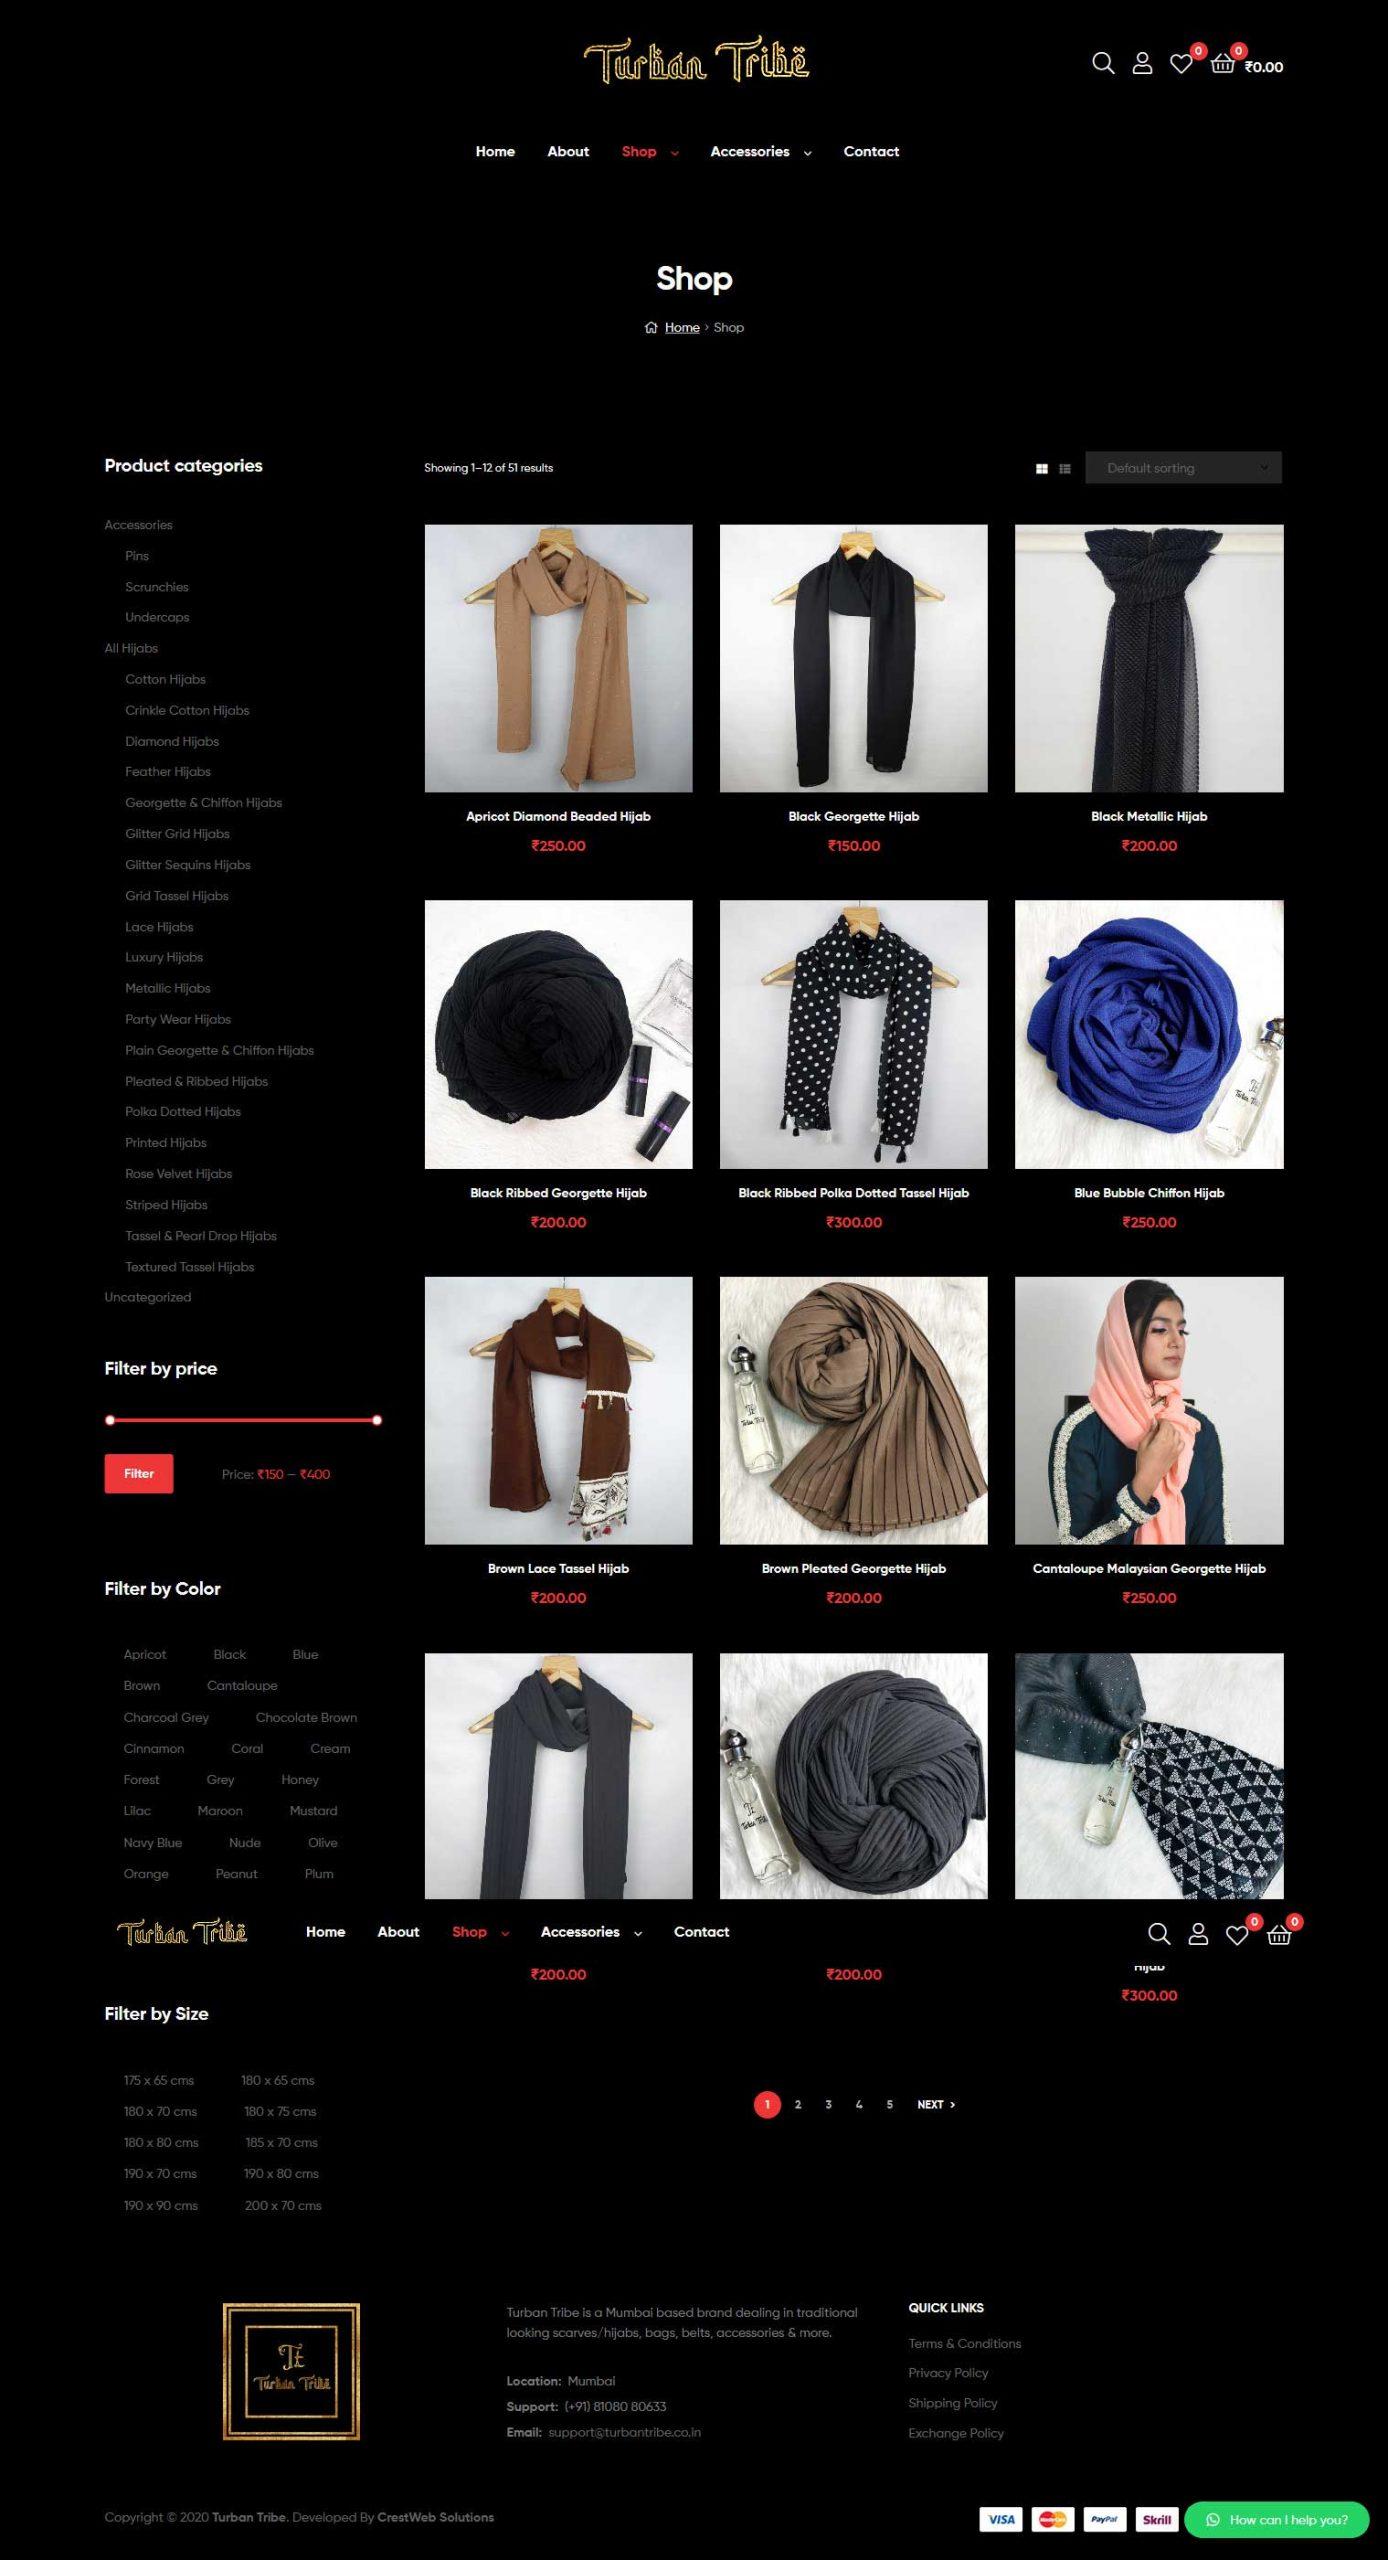 Screenshot_2021-03-03-Shop-Turban-Tribe-scaled.jpg